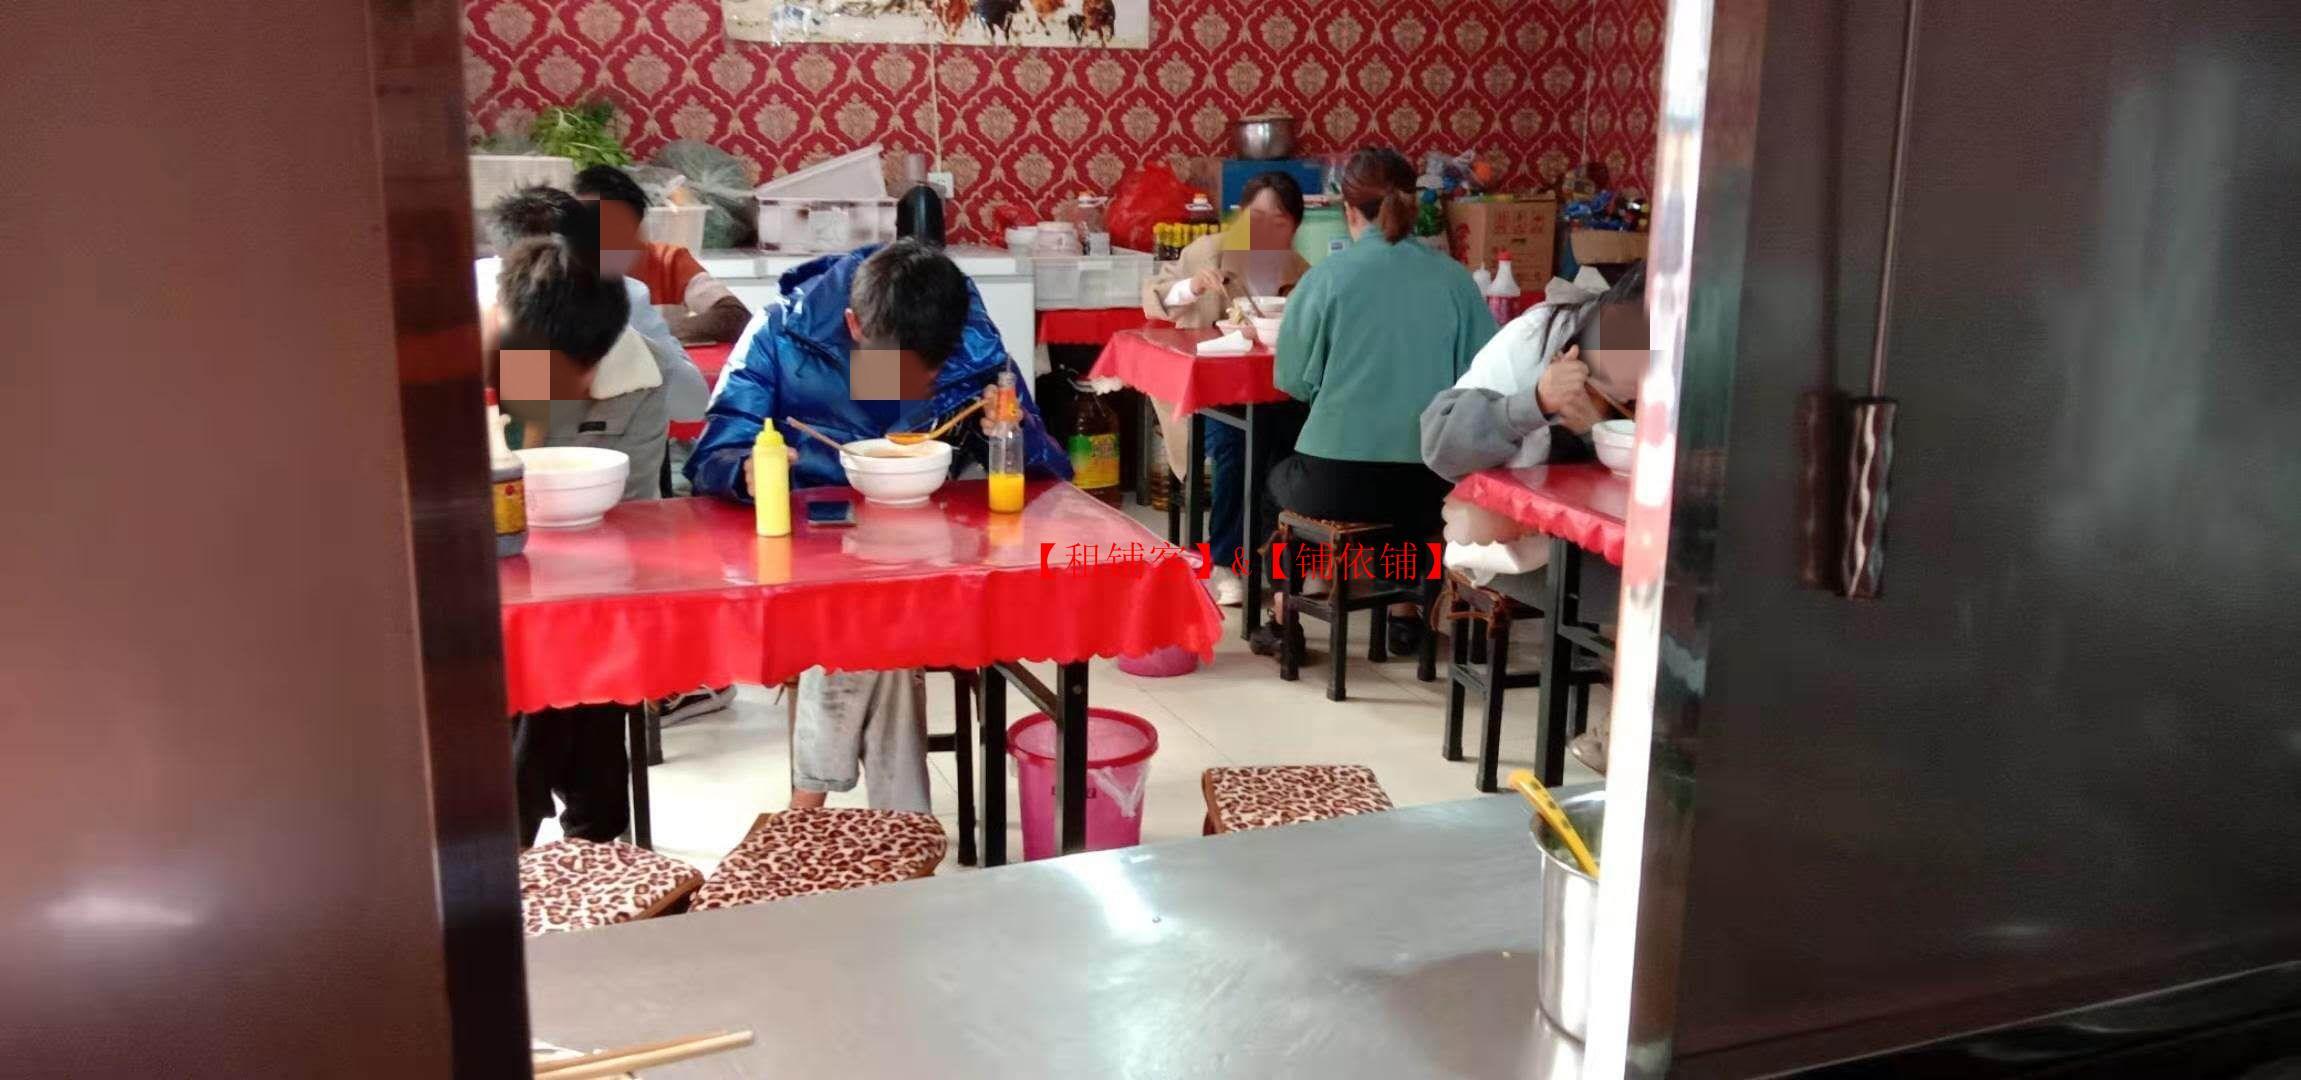 鸣泉村主街小吃店转让 位置好 生意好